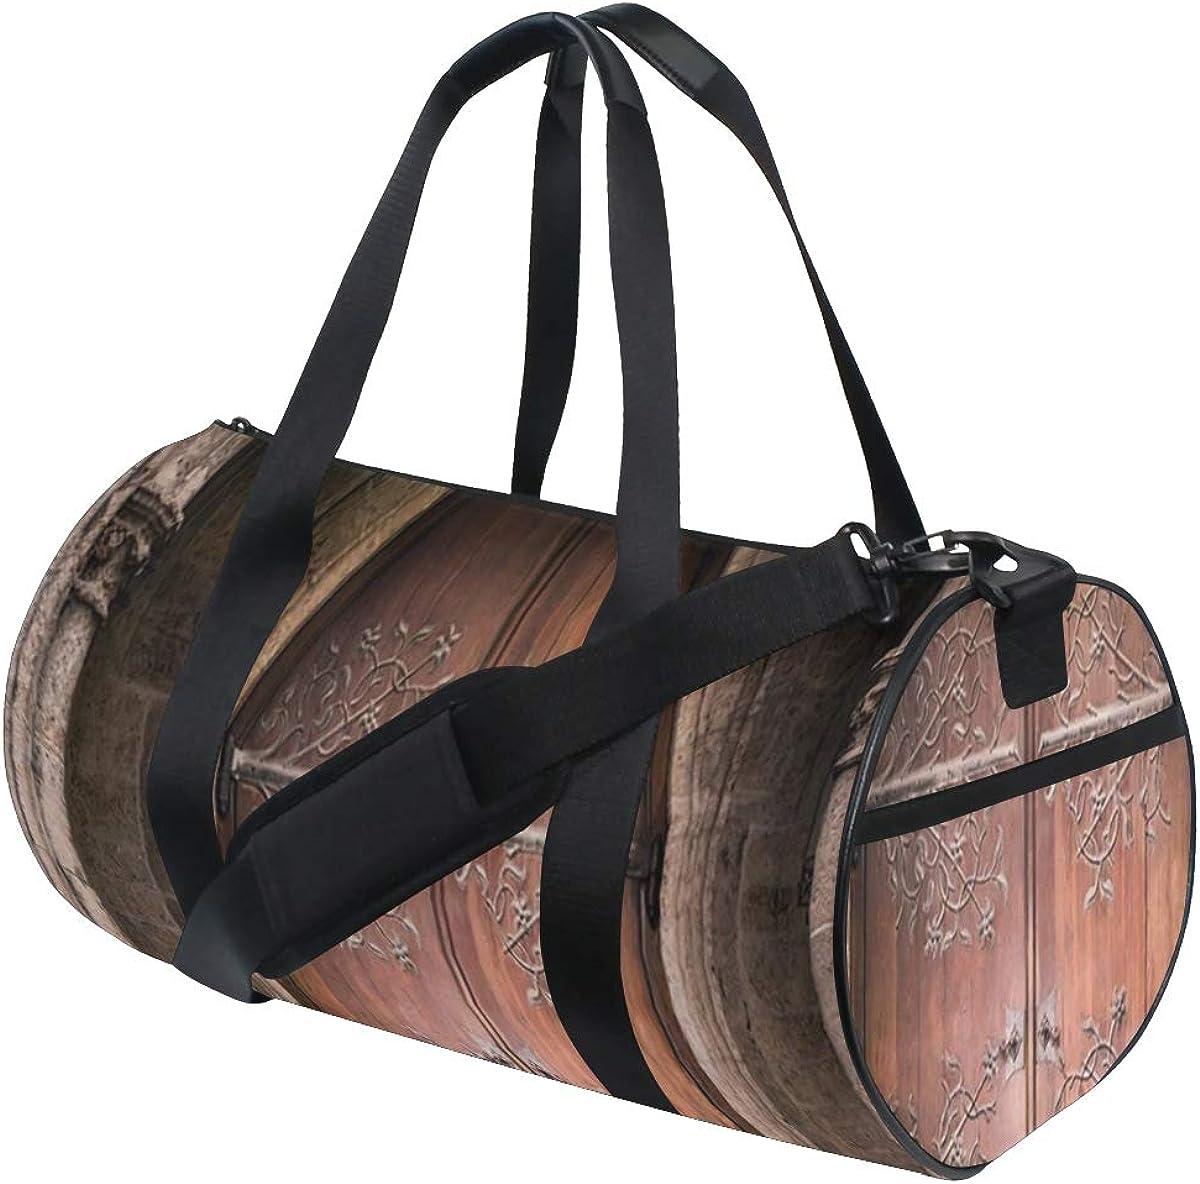 HARXISE Burro,Bolsa de equipaje de viaje Deporte Lienzo ligero Equipaje de fitness Bolso de tambor Desmontable